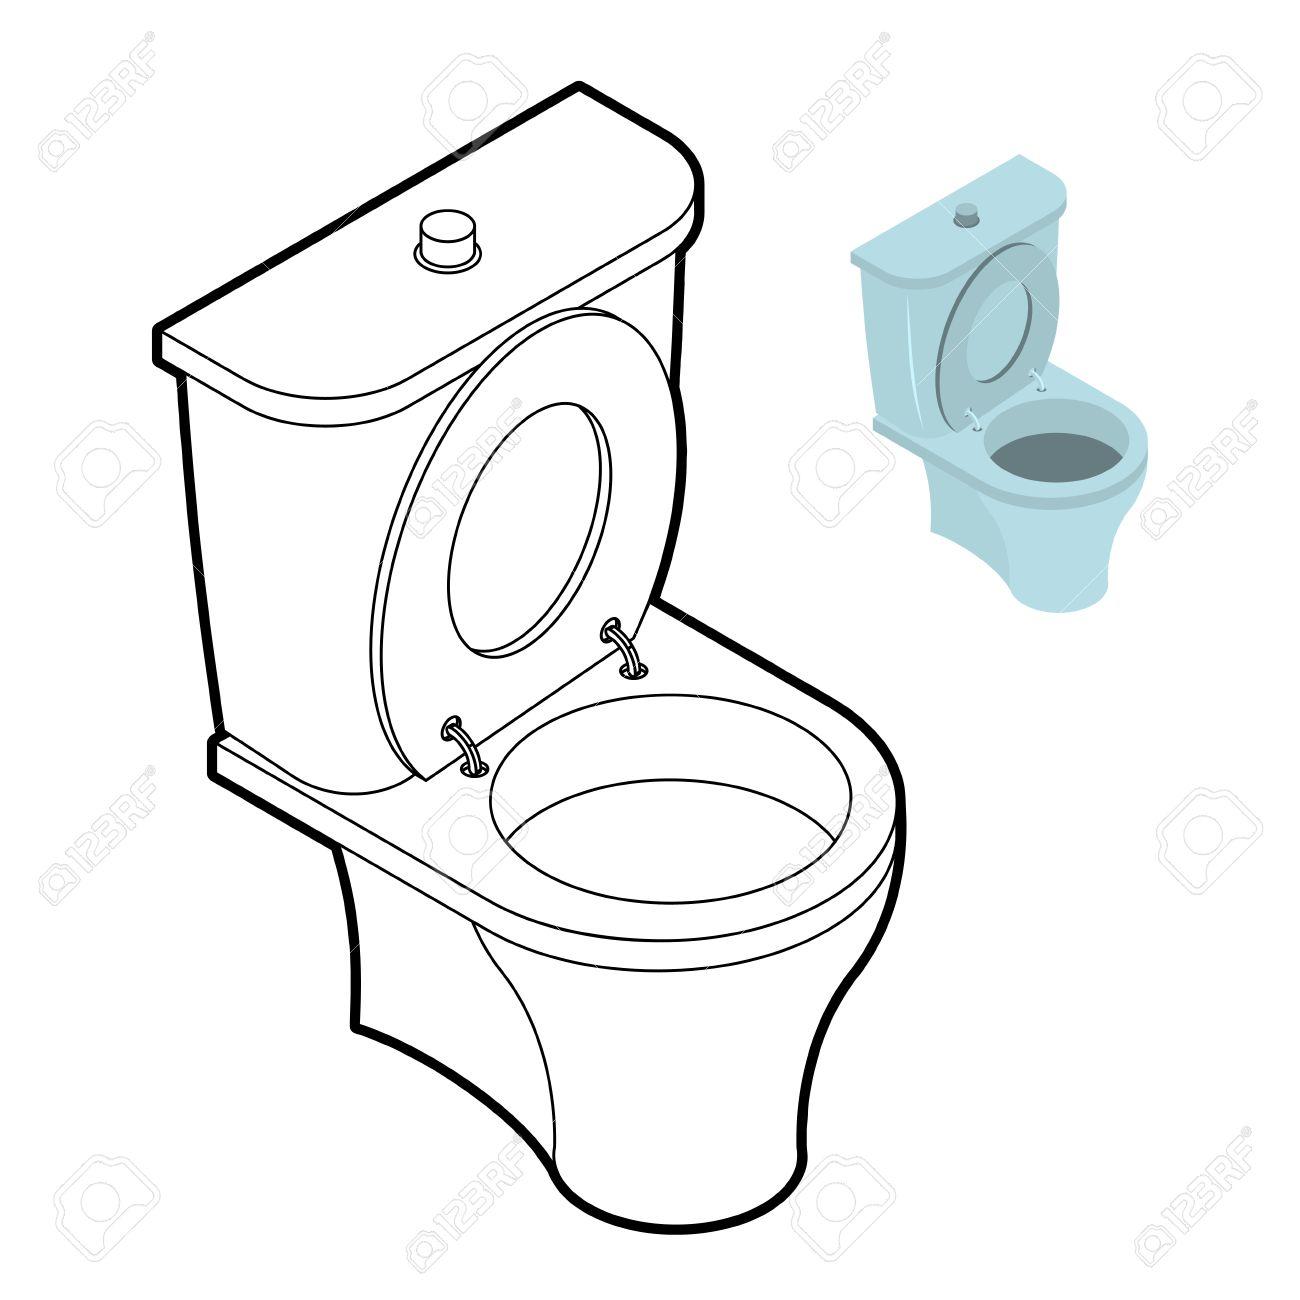 aseo wc libro para colorear. accesorios de baño en estilo linear ... - Imagenes De Un Bano Para Colorear